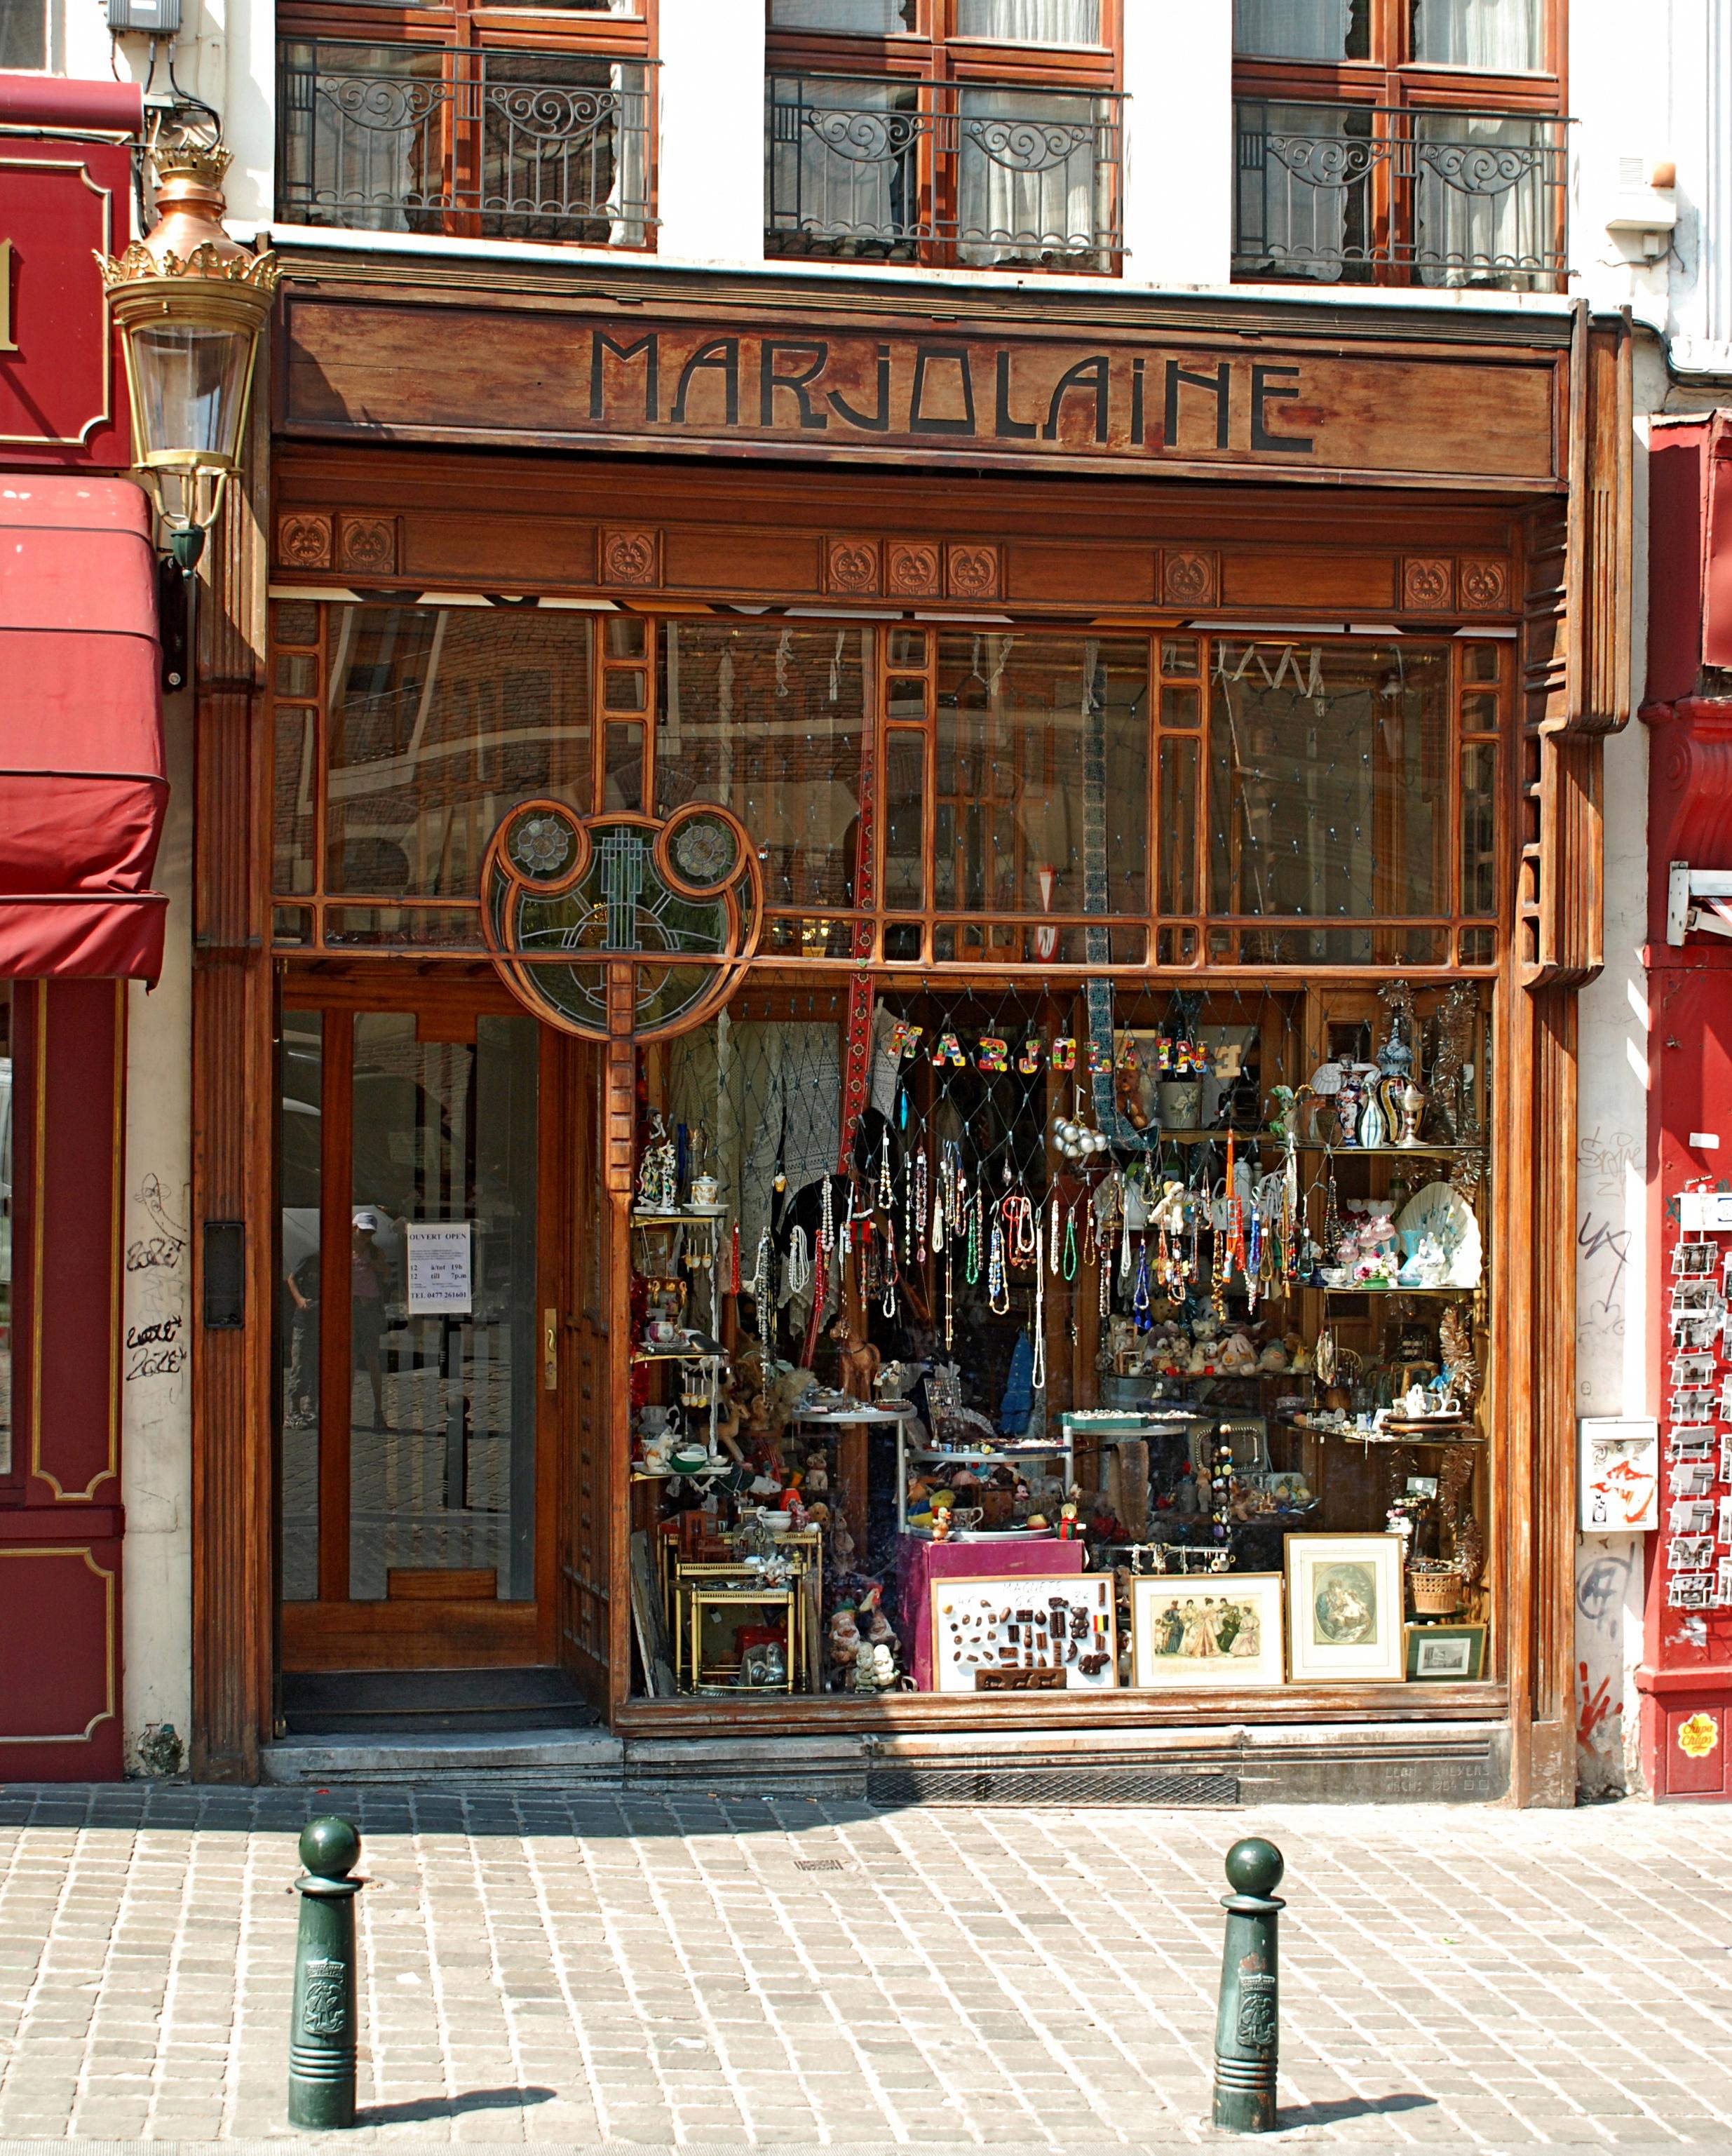 magasin belge magasin bulgare en belgique with magasin belge cool magasin de meuble hainaut en. Black Bedroom Furniture Sets. Home Design Ideas